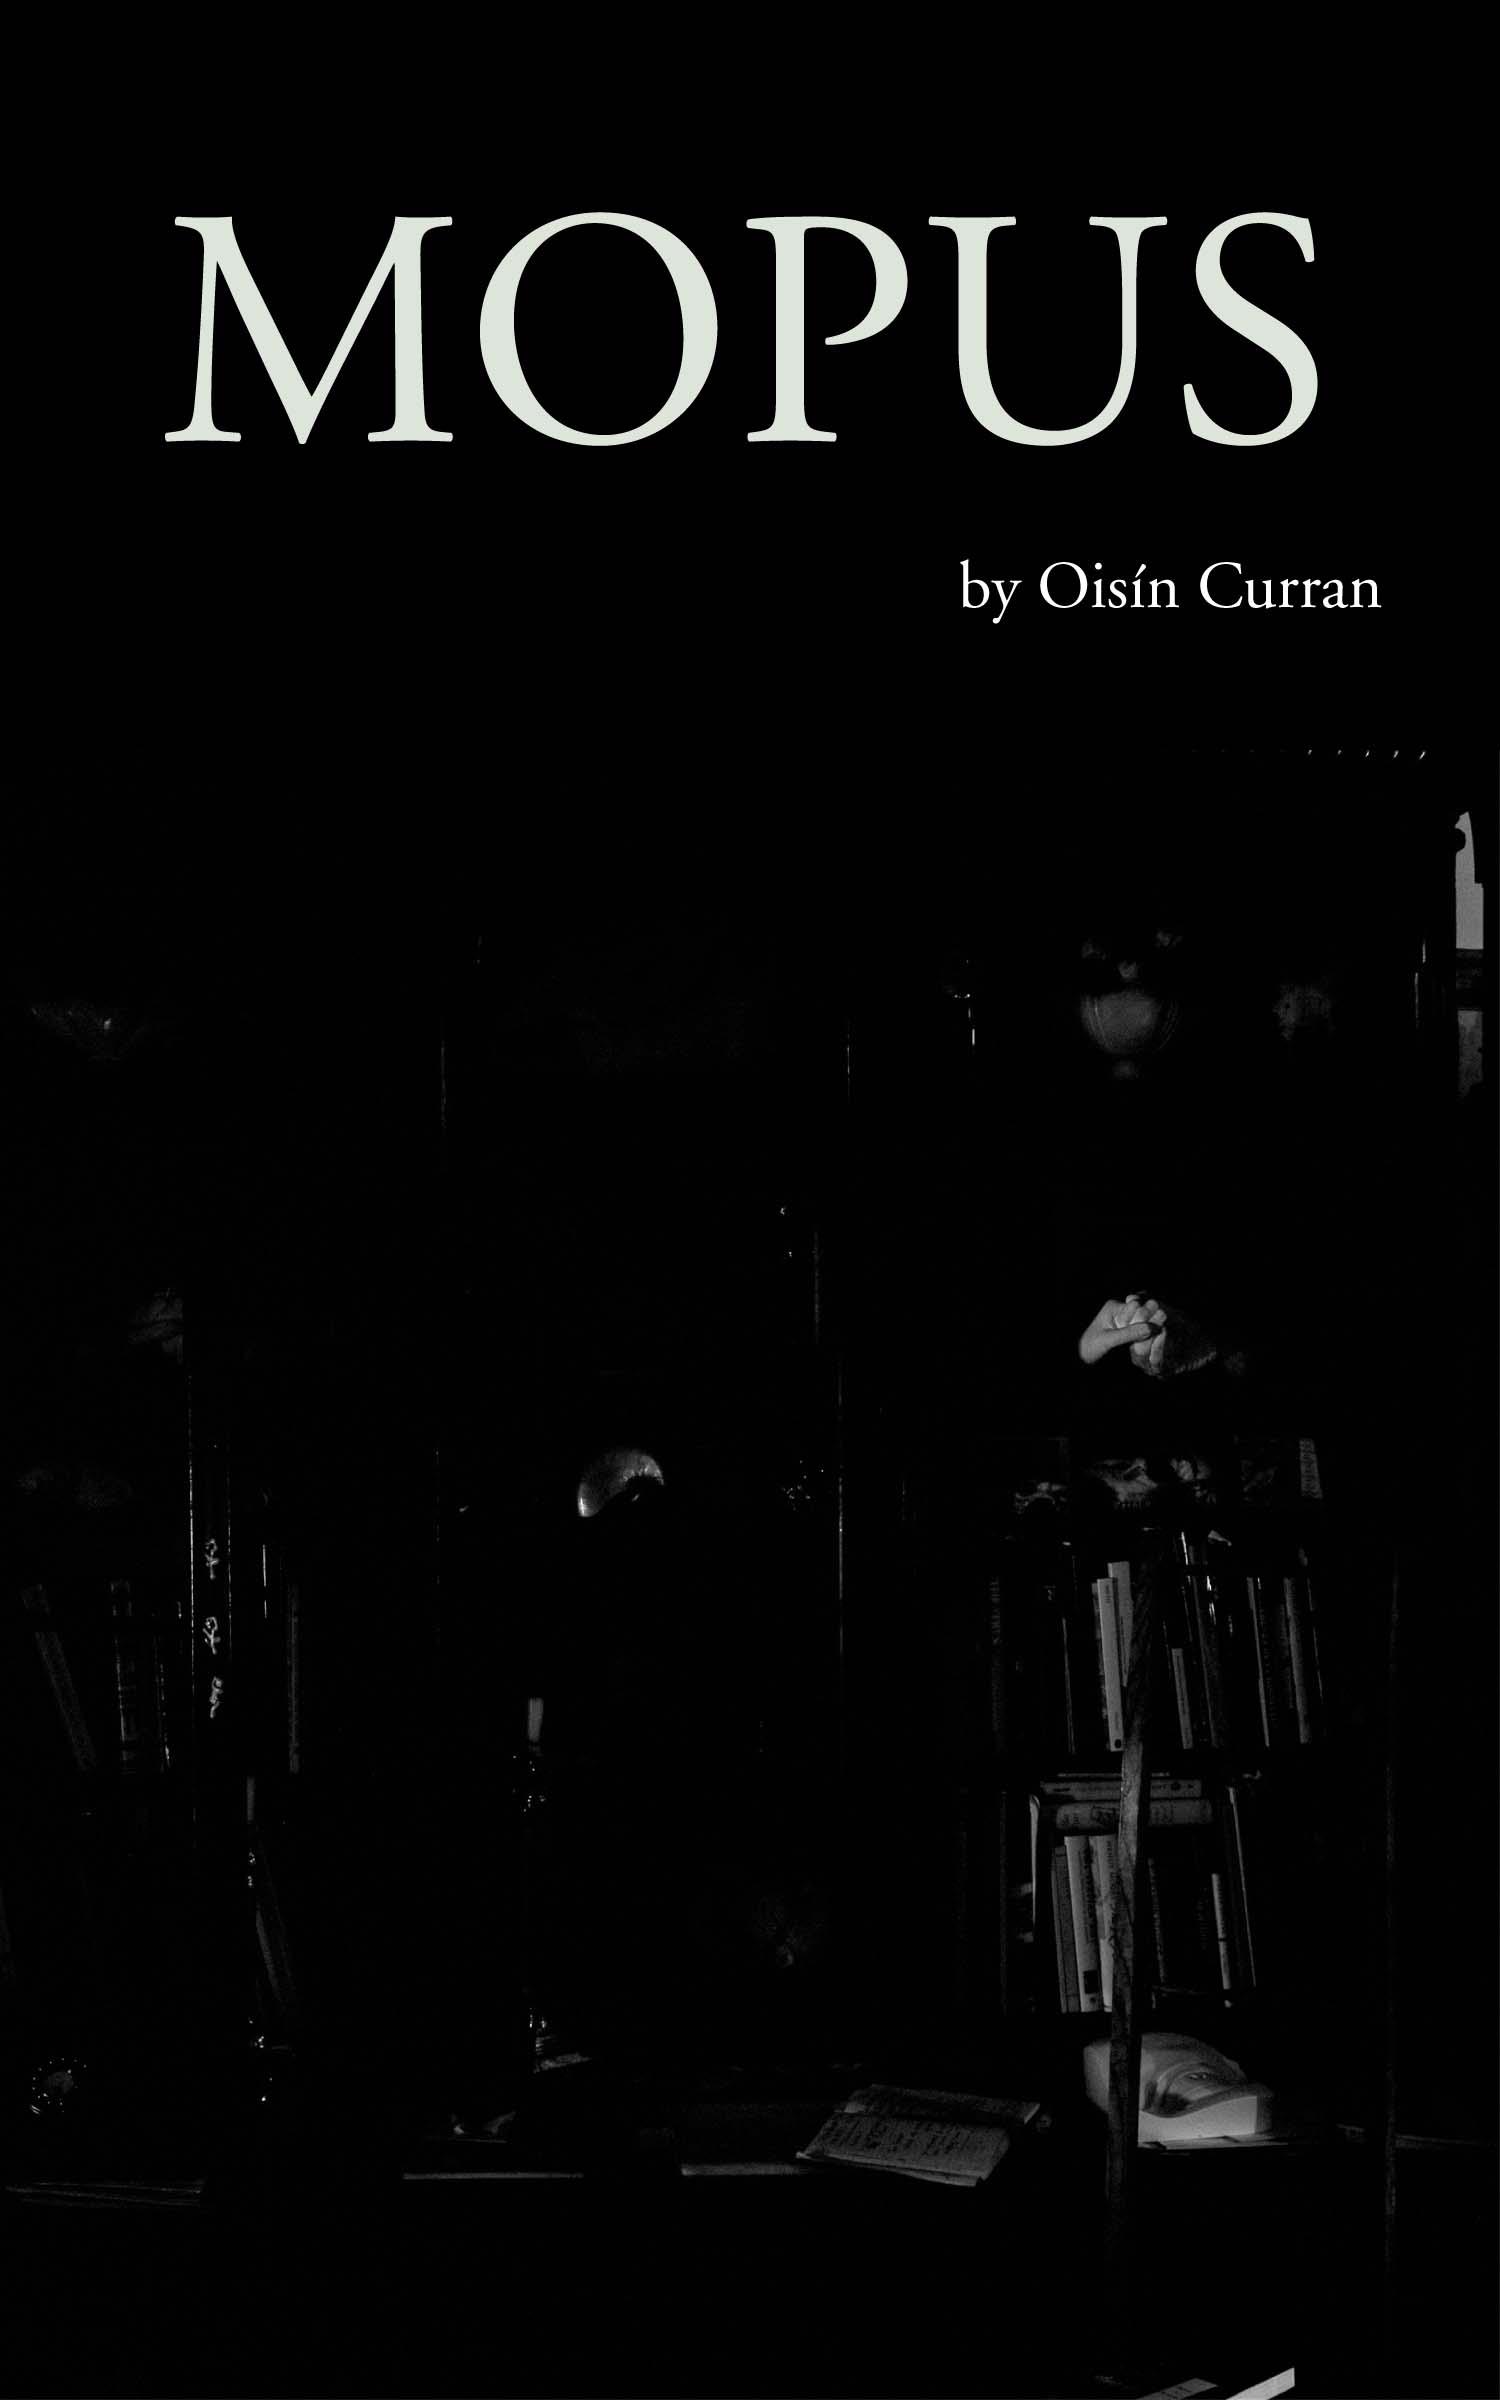 Mopus: A Novel  by Oisín CurranIntroduction by Steve Katz